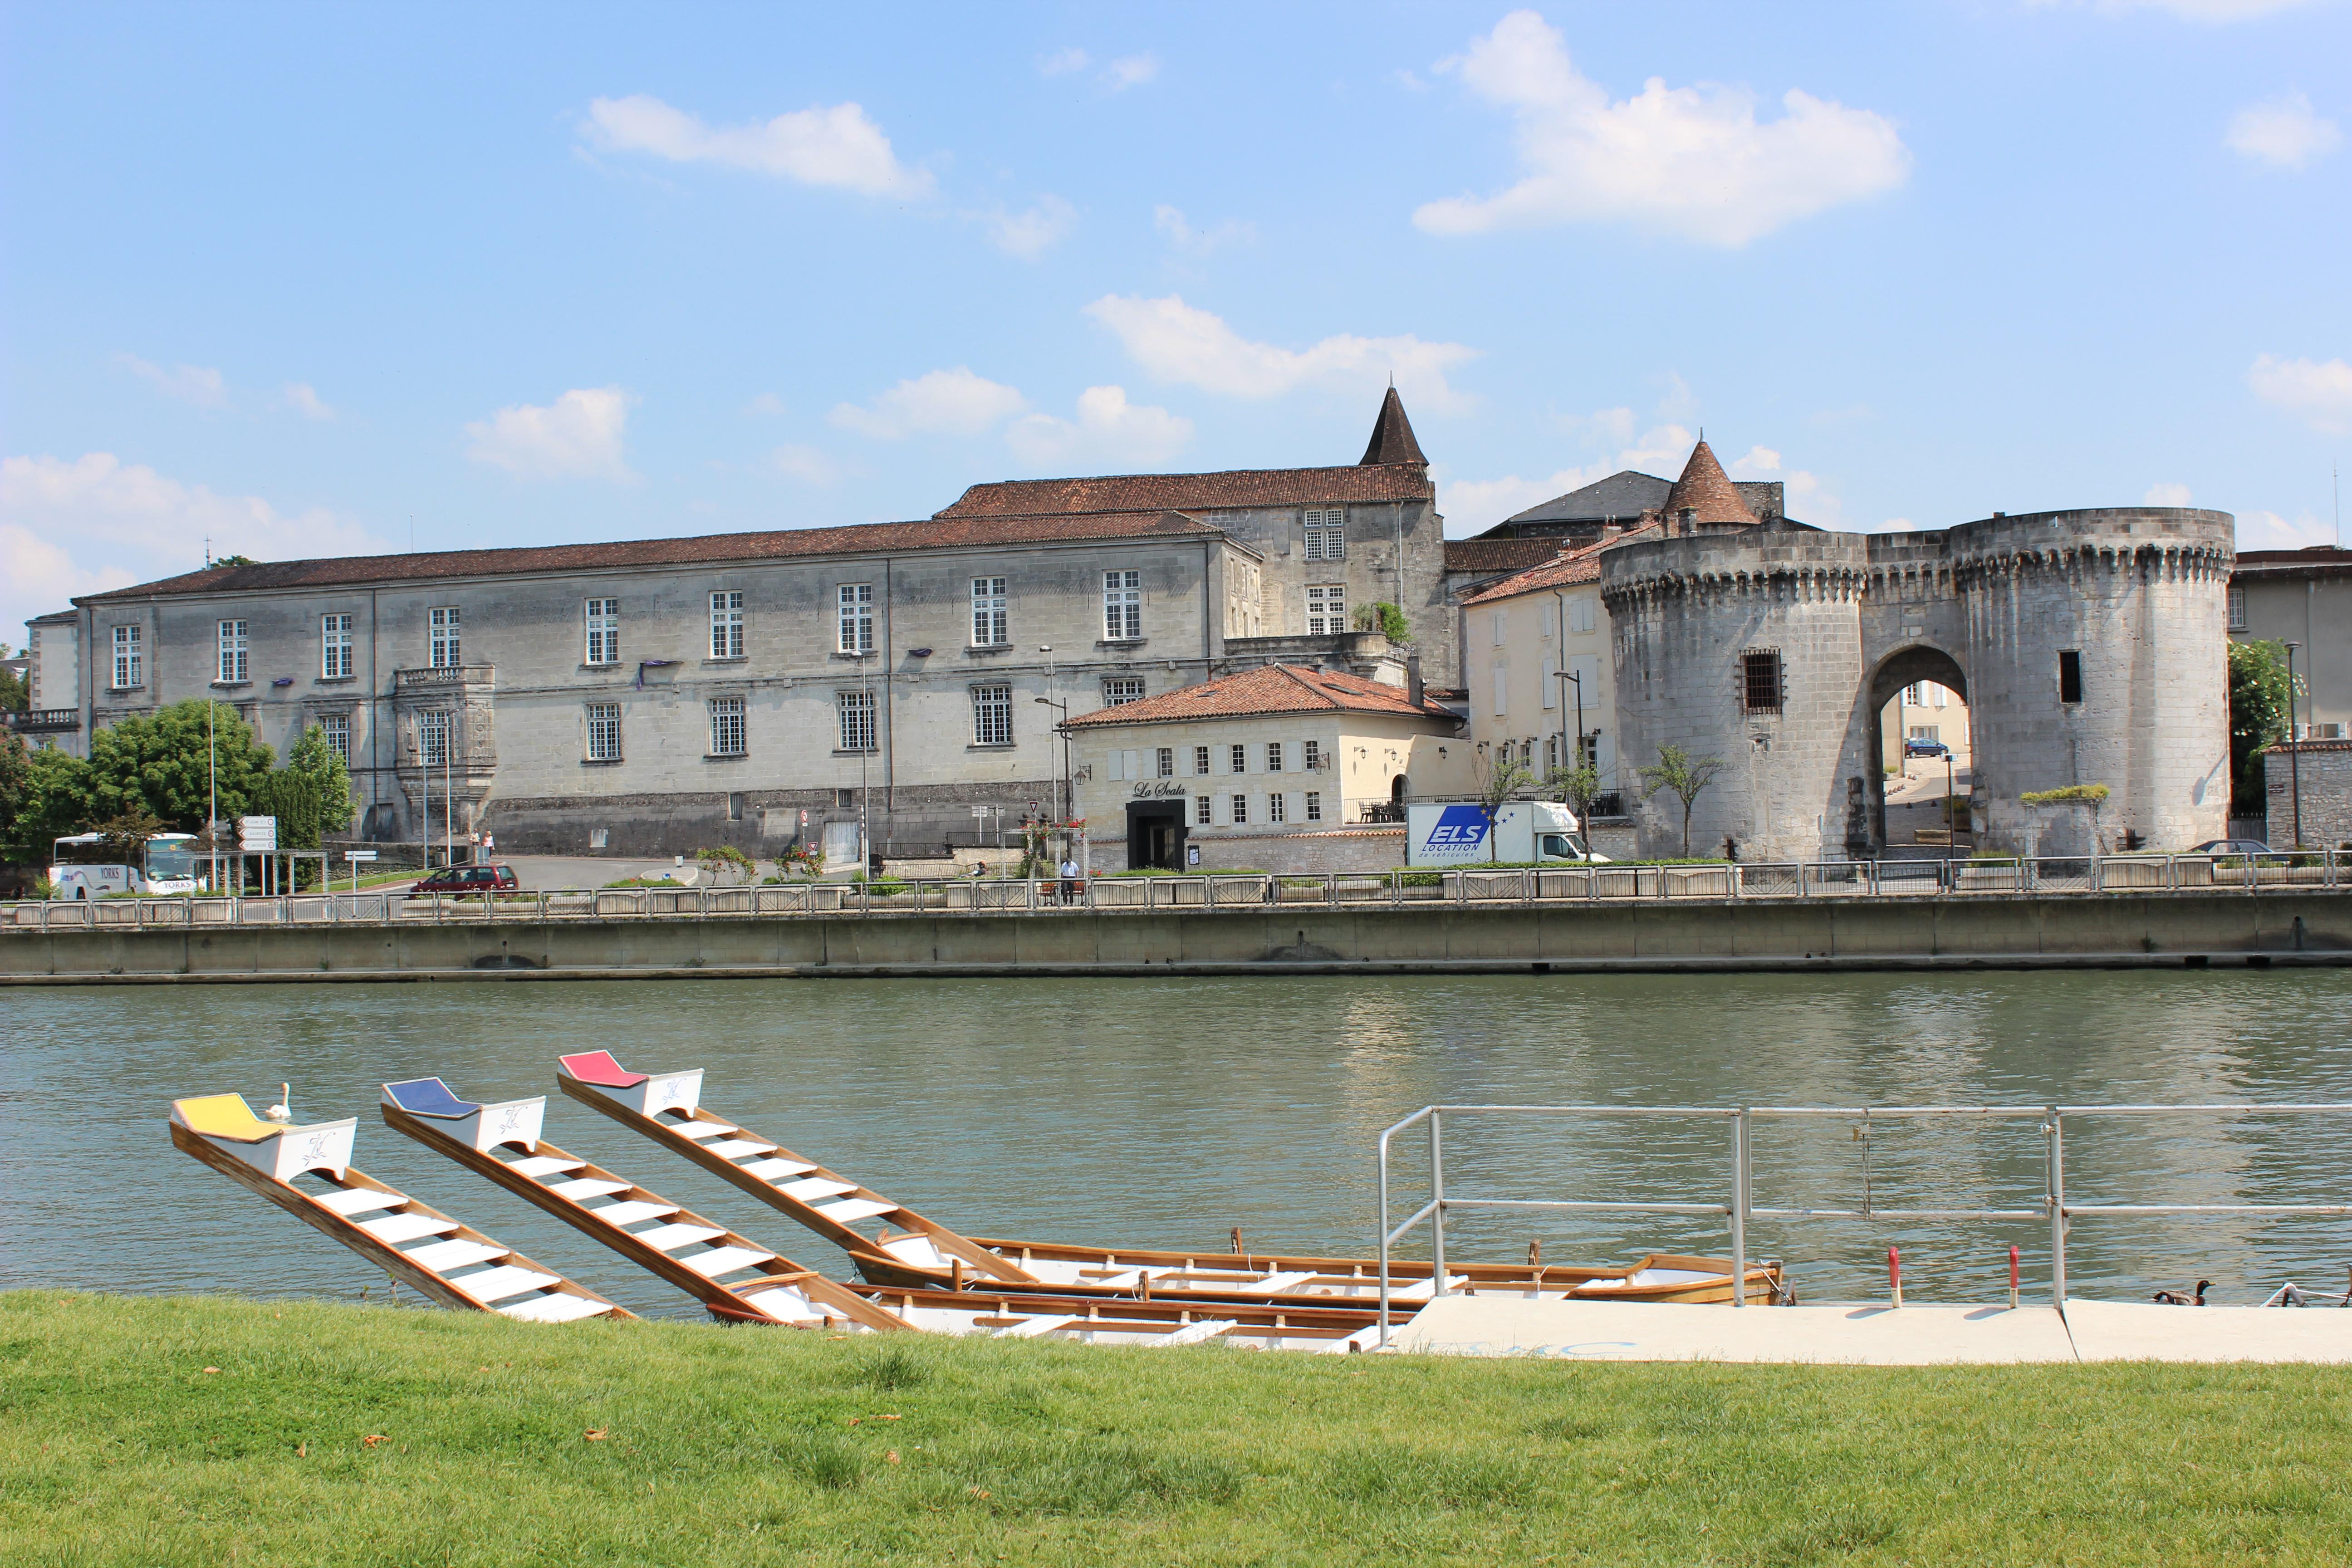 quais cognac charente en croisiere bateaux nicols inter croisieres sireuil.JPG